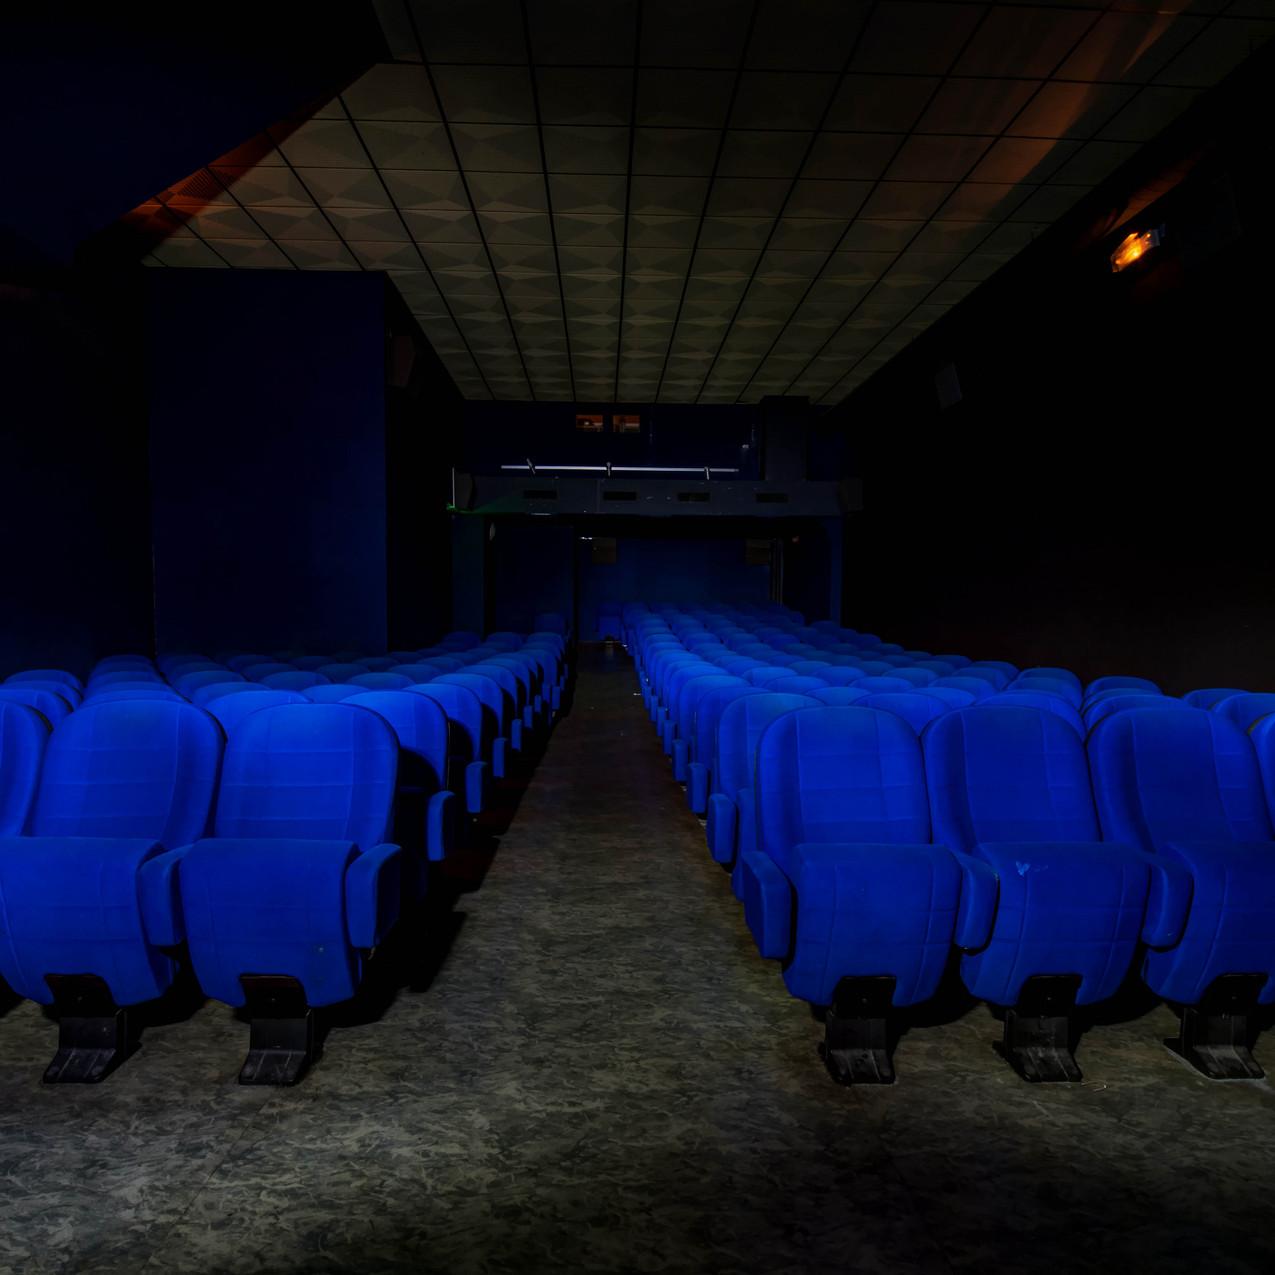 Urbex - Cinéma bleu (La meilleure place _)